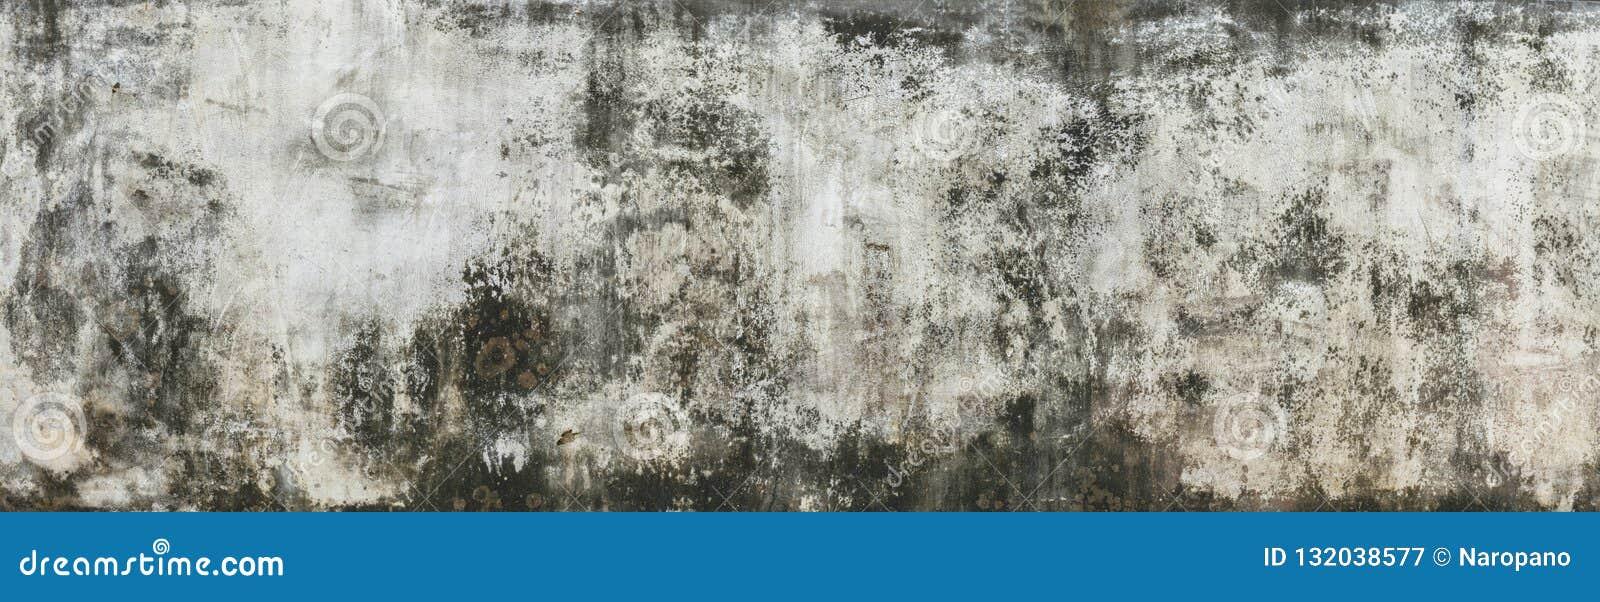 Ανασκόπηση τοίχων τσιμέντου Σύσταση που τοποθετείται πέρα από ένα αντικείμενο που δημιουργεί